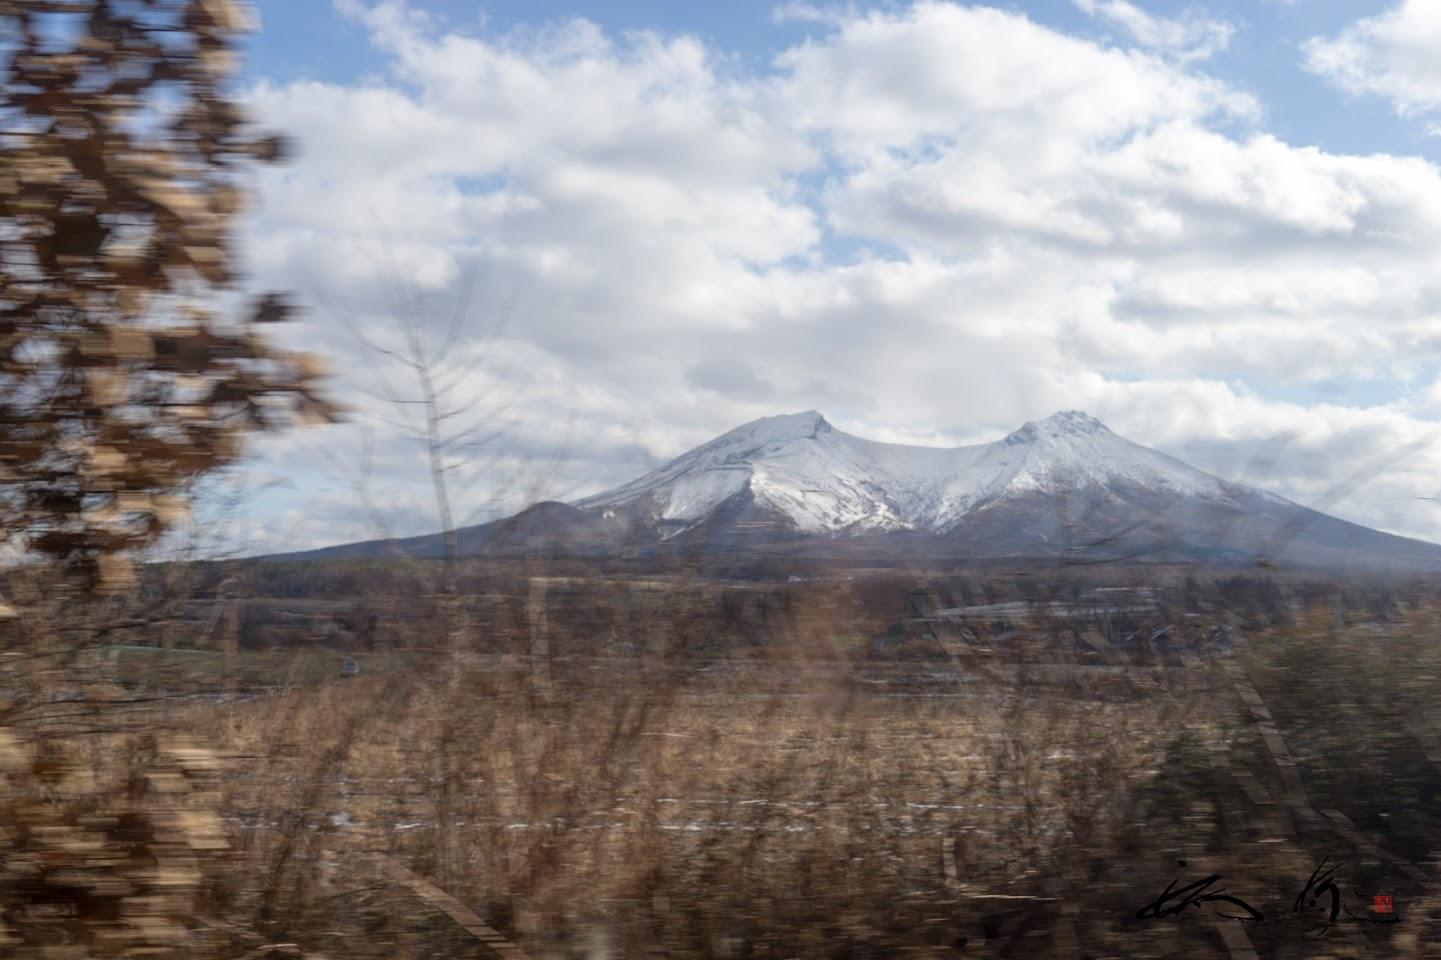 雪を被る山々